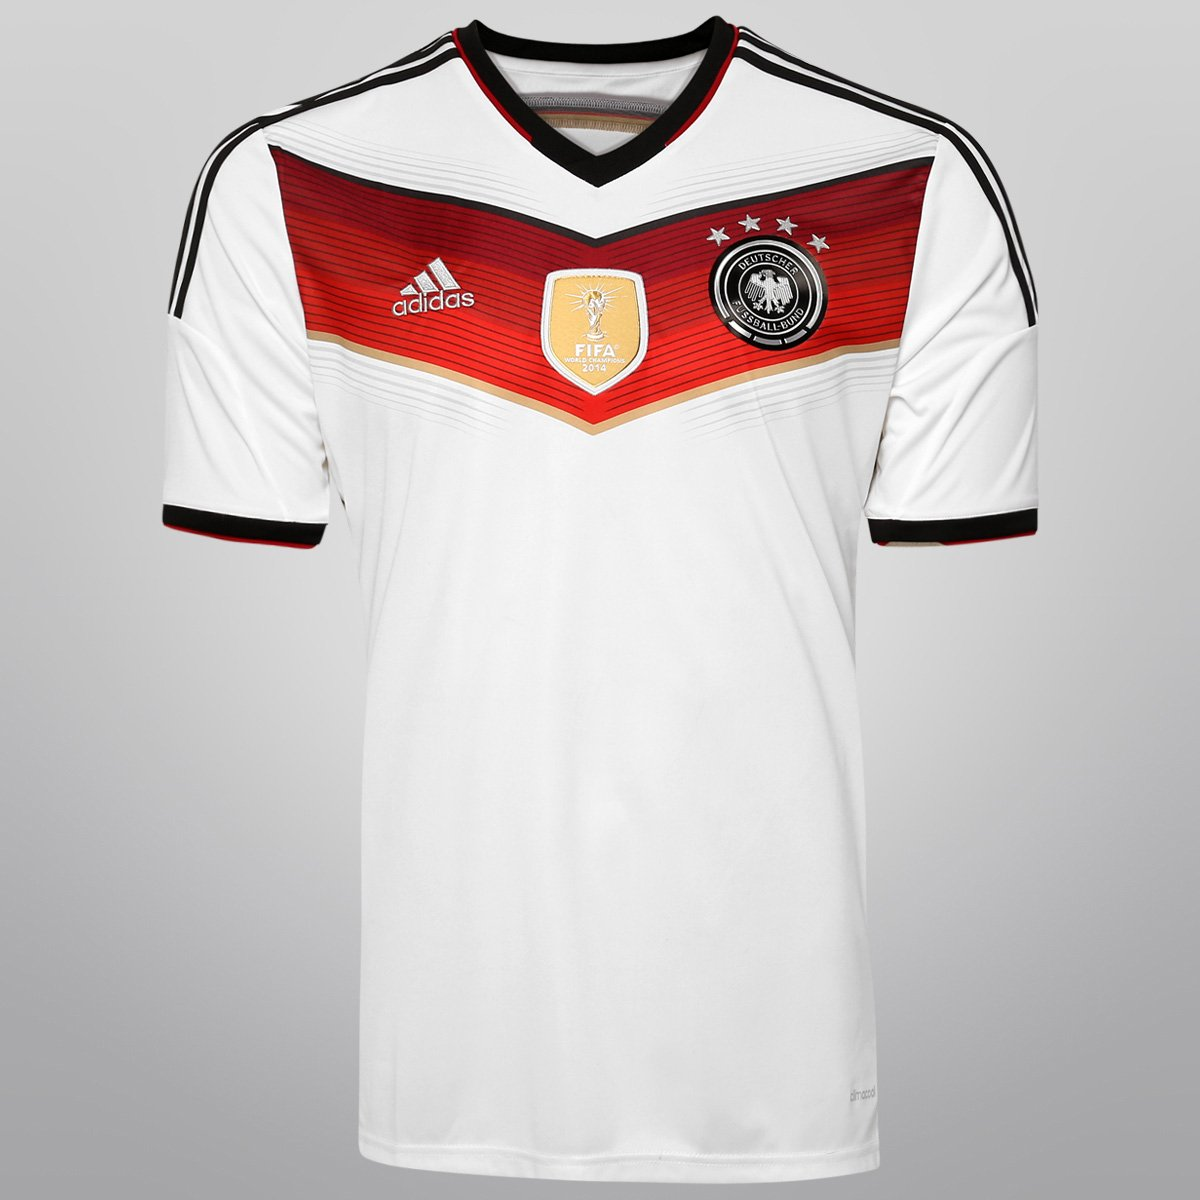 Camisa Adidas Seleção Alemanha Home 14 15 s n° - Tetracampeã Mundial -  Compre Agora  2fa1aff522e0c